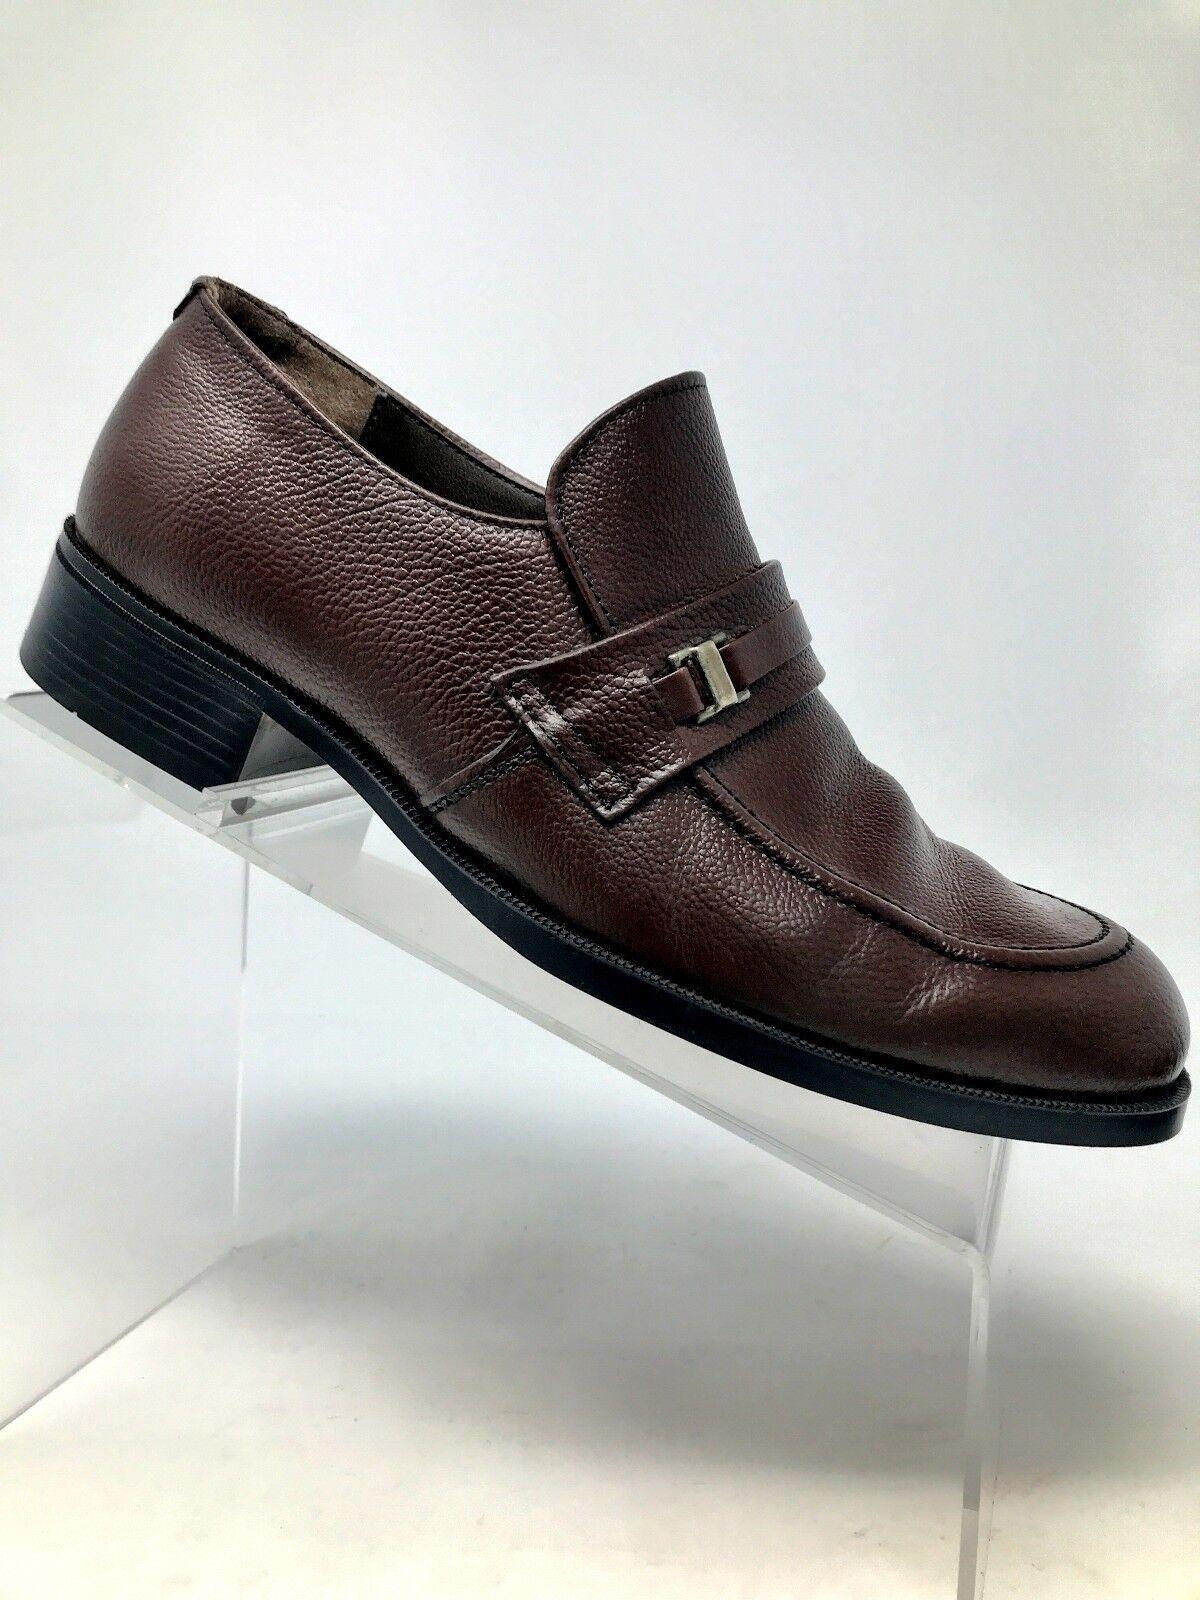 Kinney Vintage Monk Strap Buckle Brown Pebbled Leather Loafer shoes Men 7.5 M